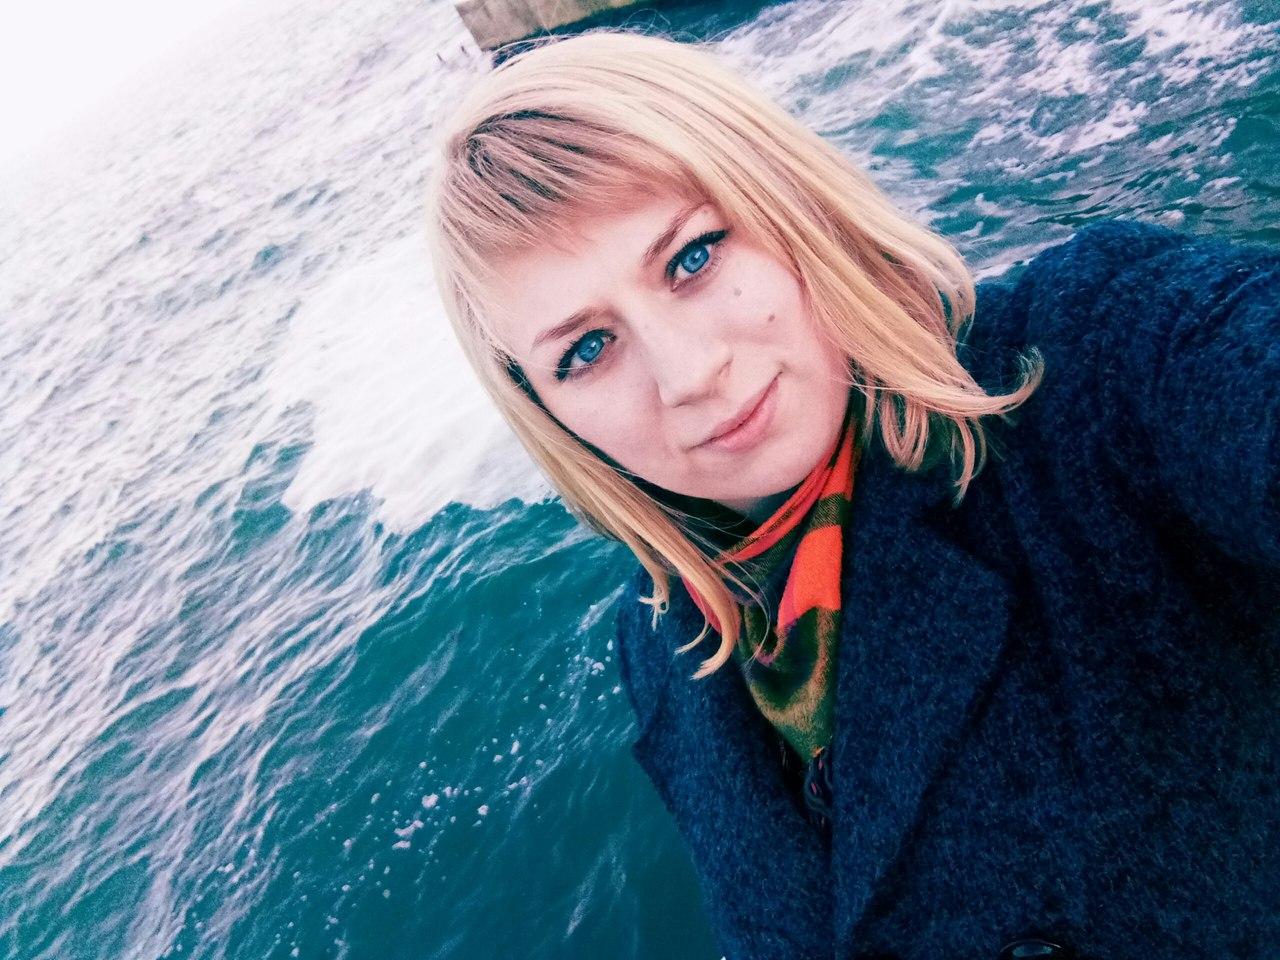 Анна Война, Первомайск - фото №2